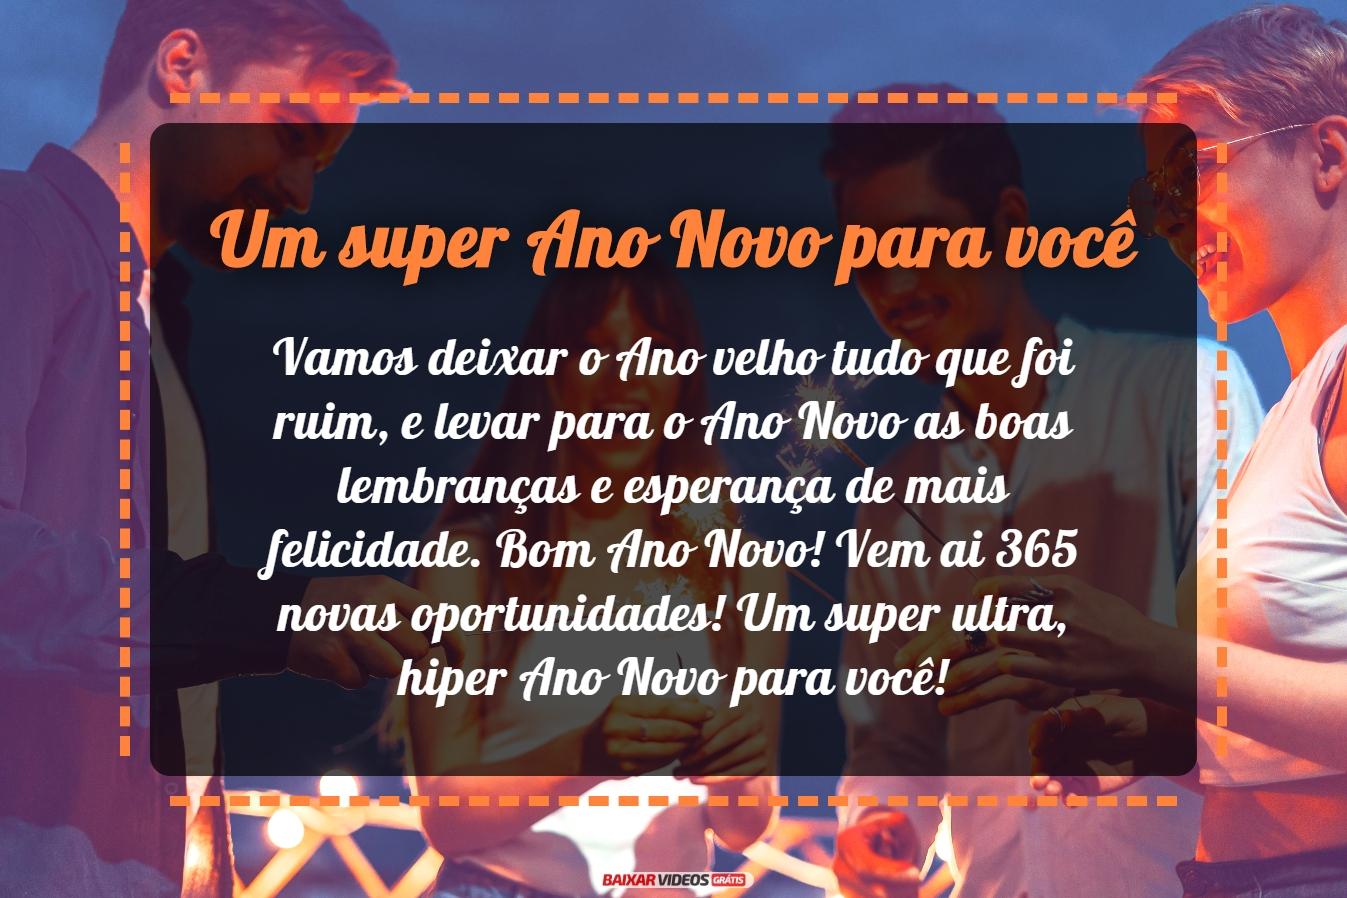 Um super Ano Novo para você